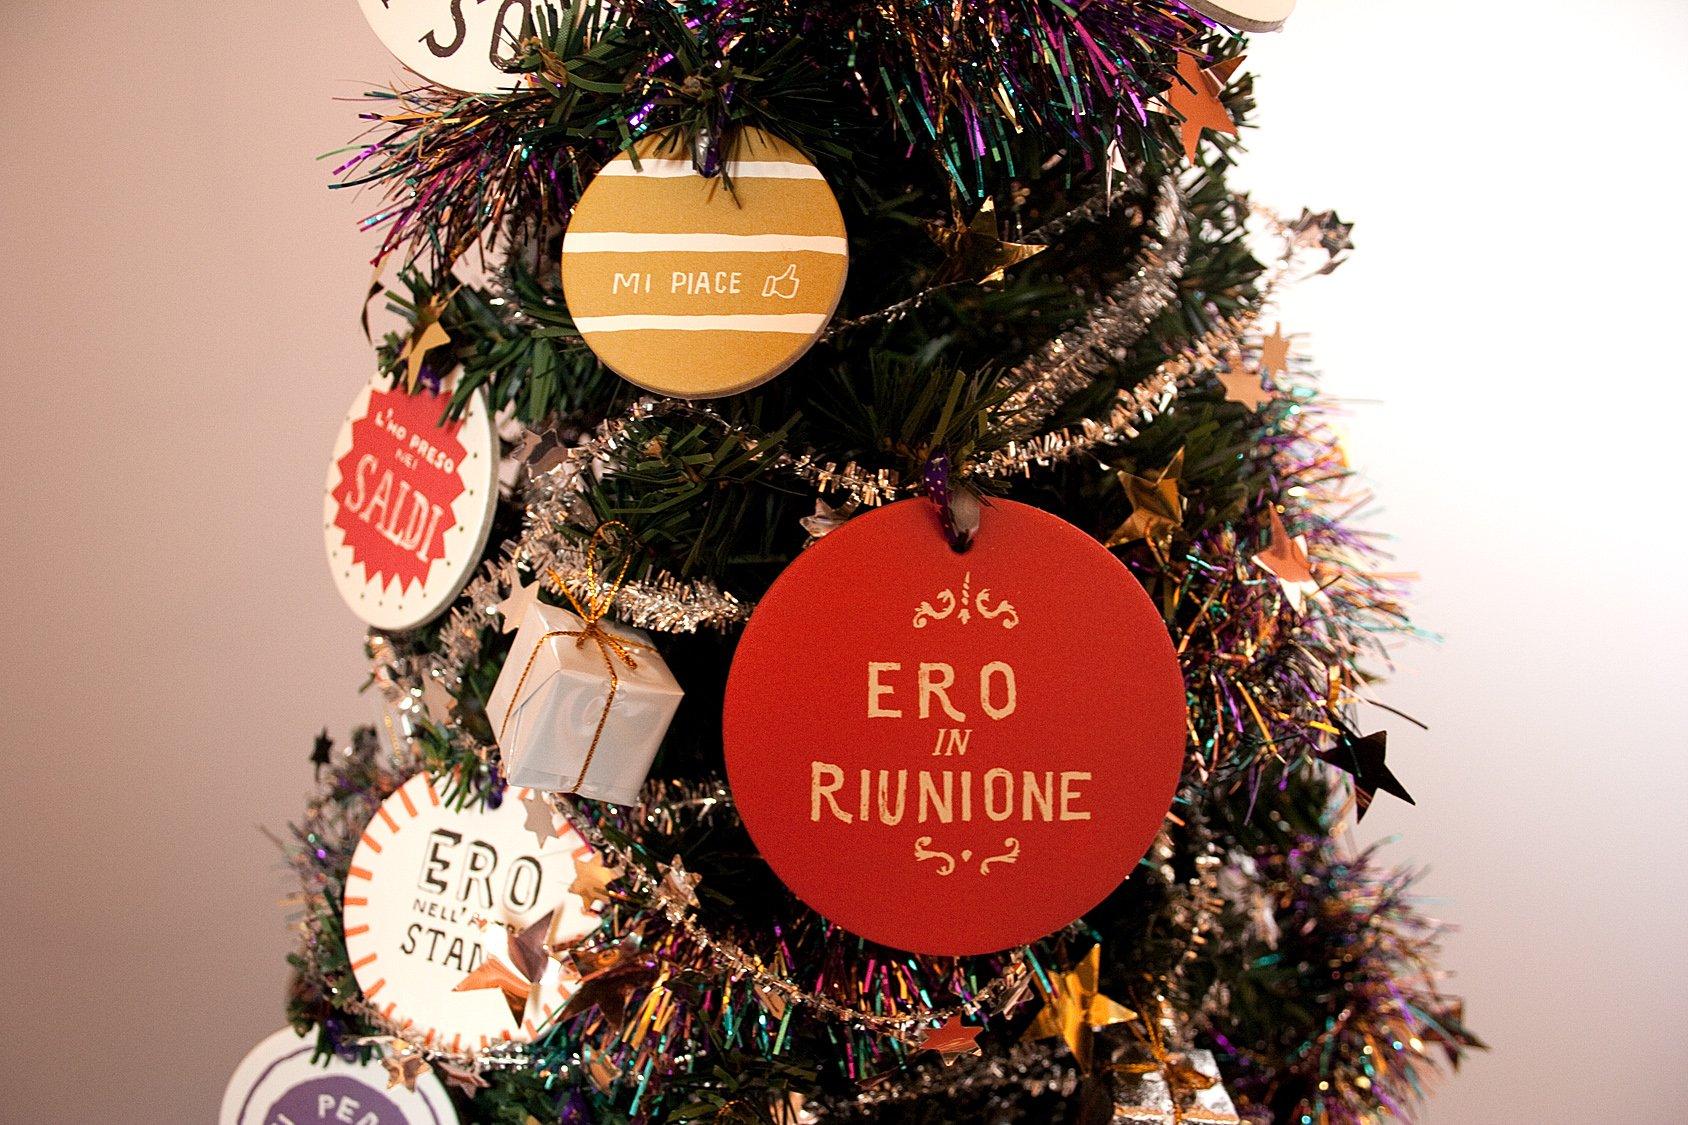 Addobbi natalizi l 39 albero di natale anche low cost cose - Oggettistica casa low cost ...